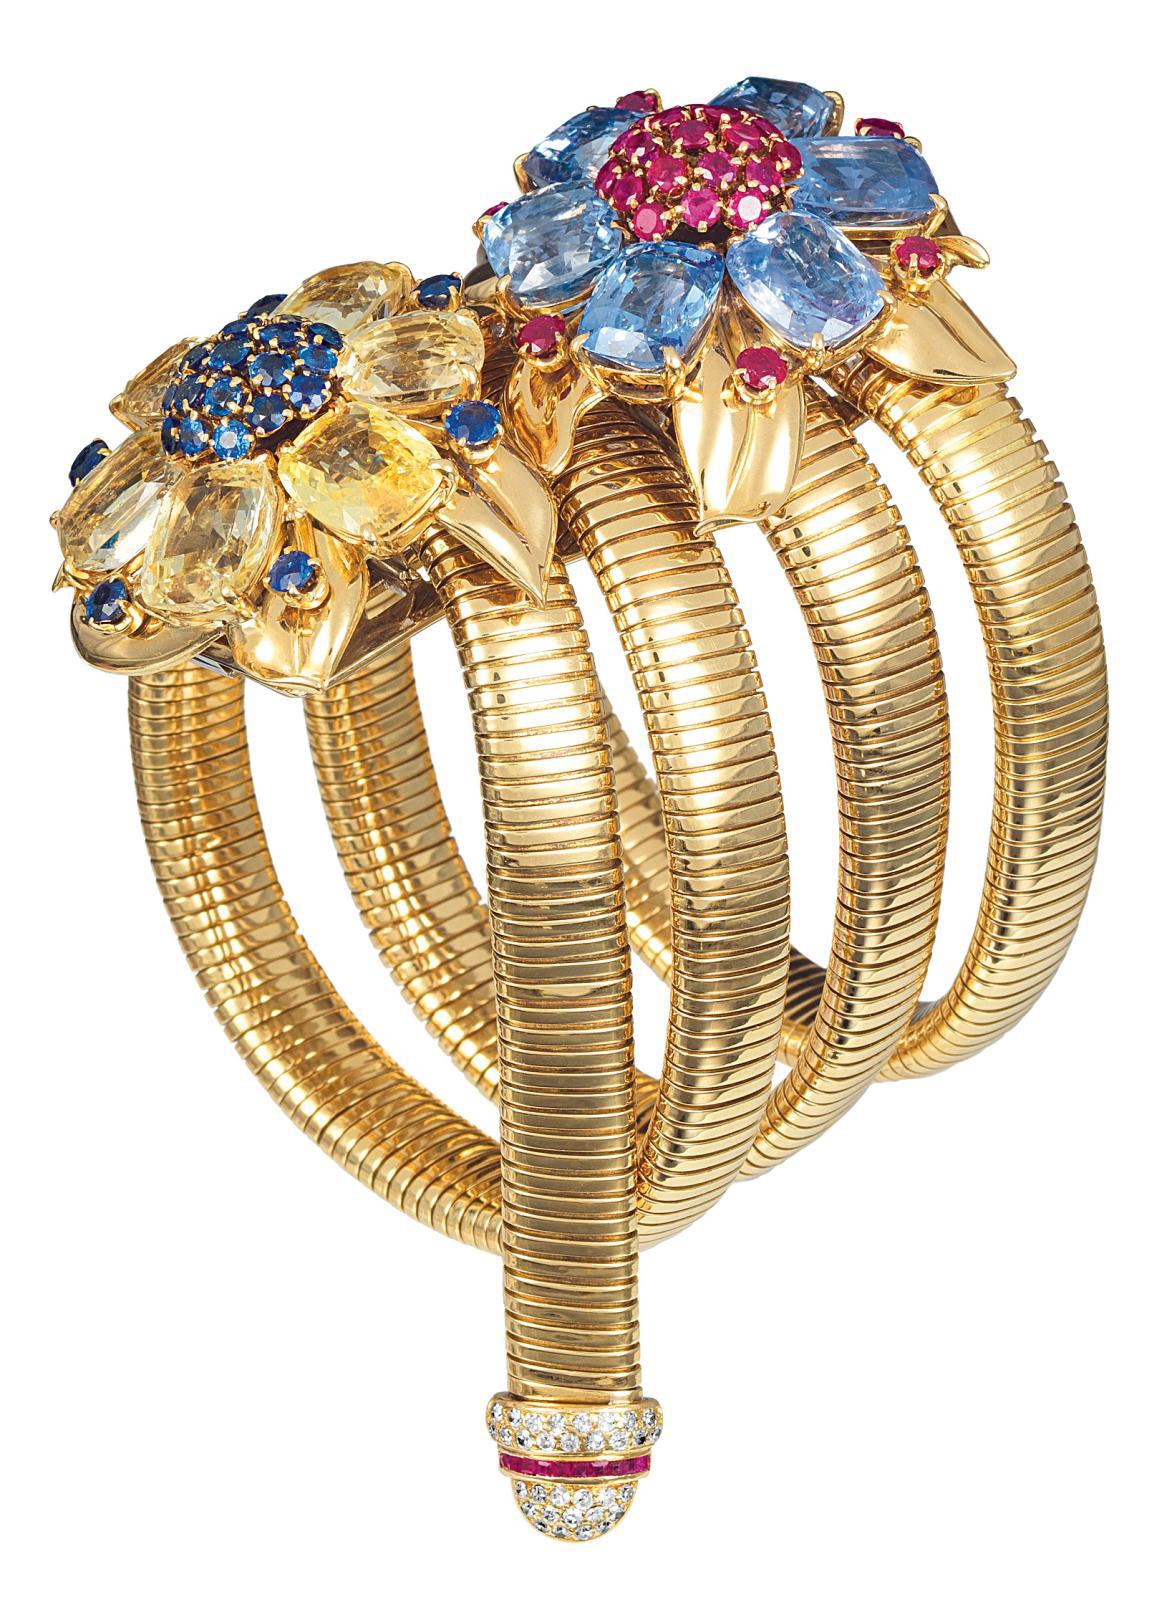 Van Cleef & Arpels, bracelet passe-partout en tubogas et clips, 1939, or, saphirs, rubis et diamants, transformable en collier ou en ceint